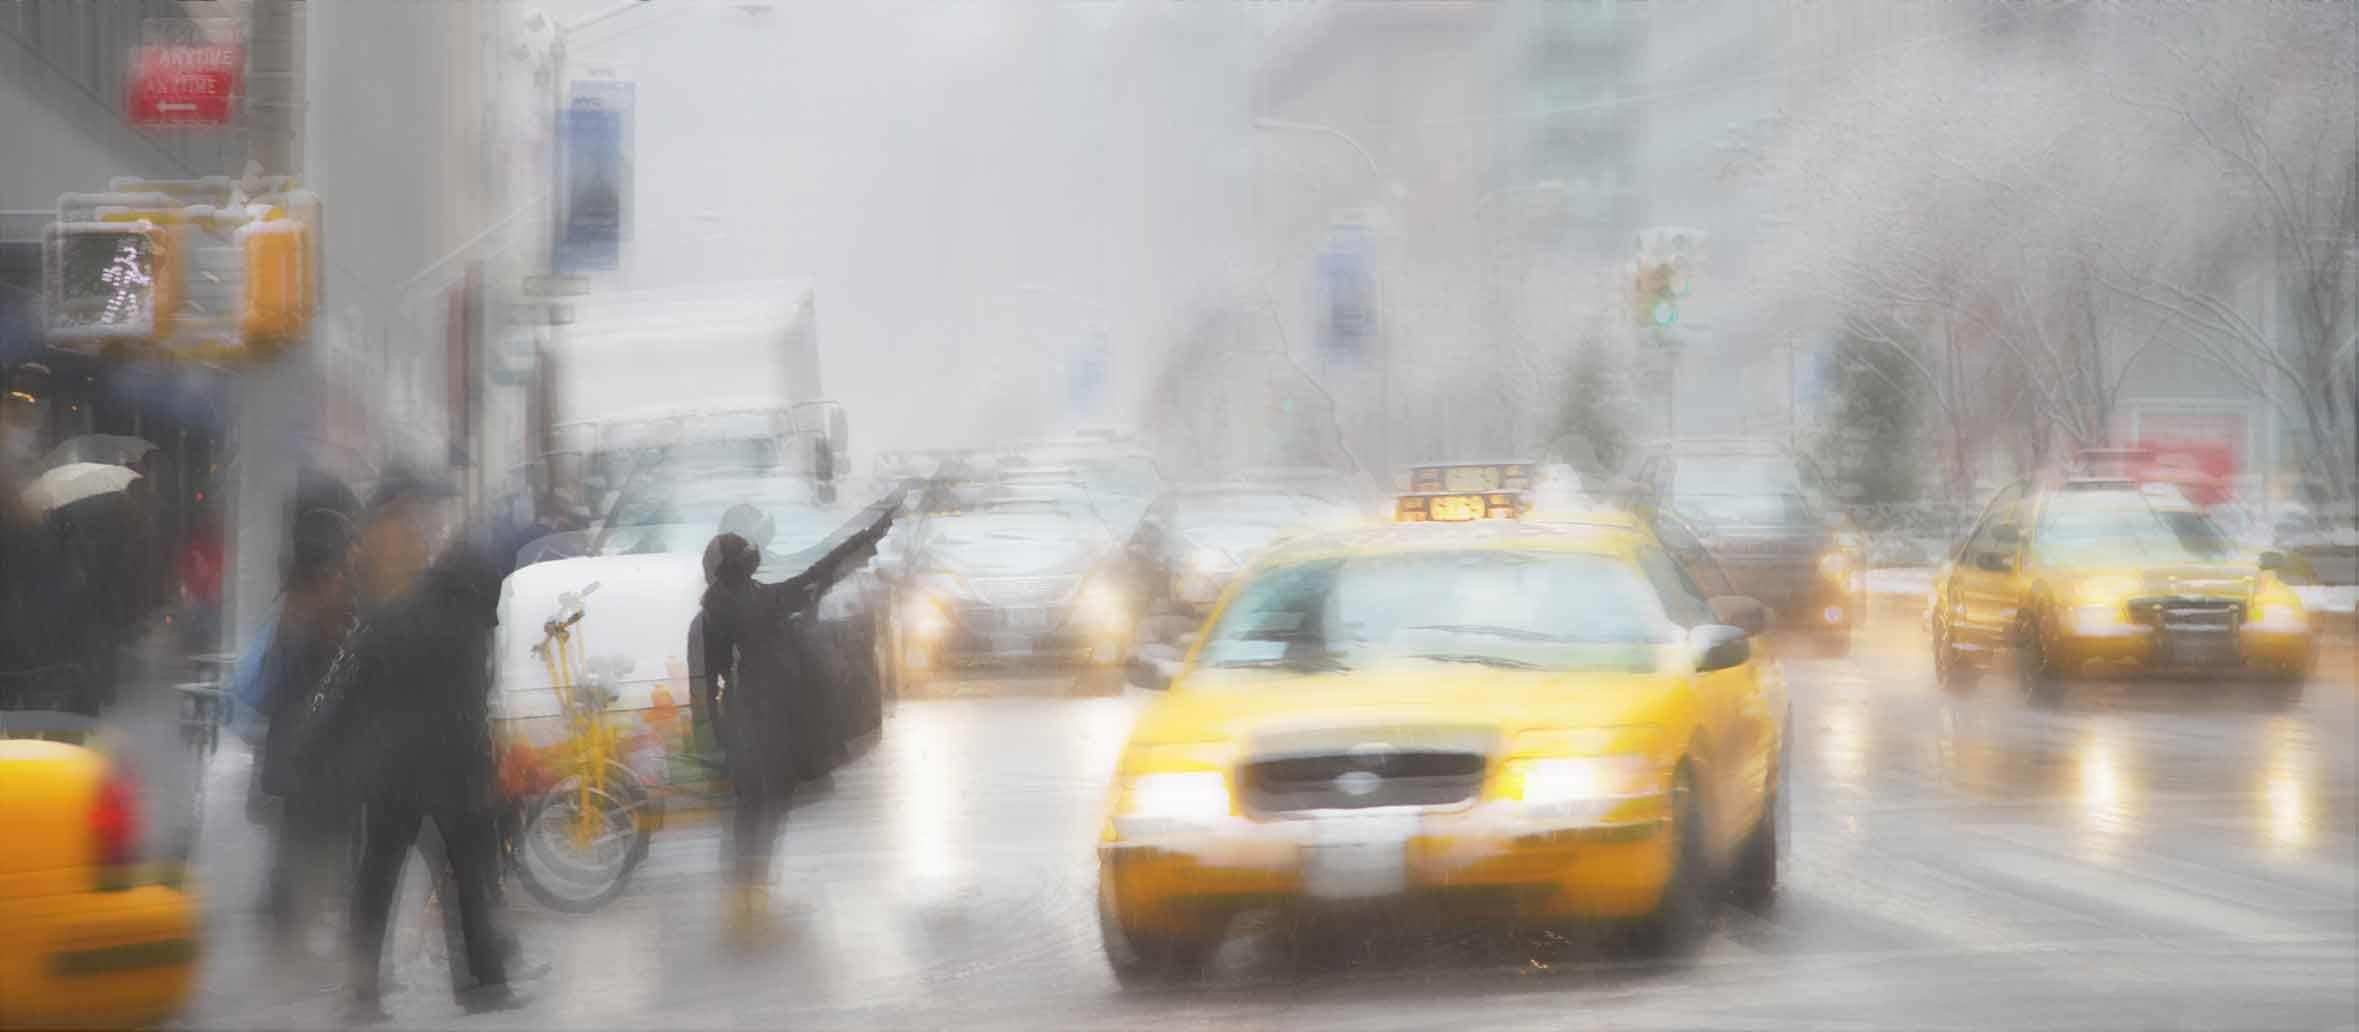 Un día lluvioso y ocupado en la ciudad